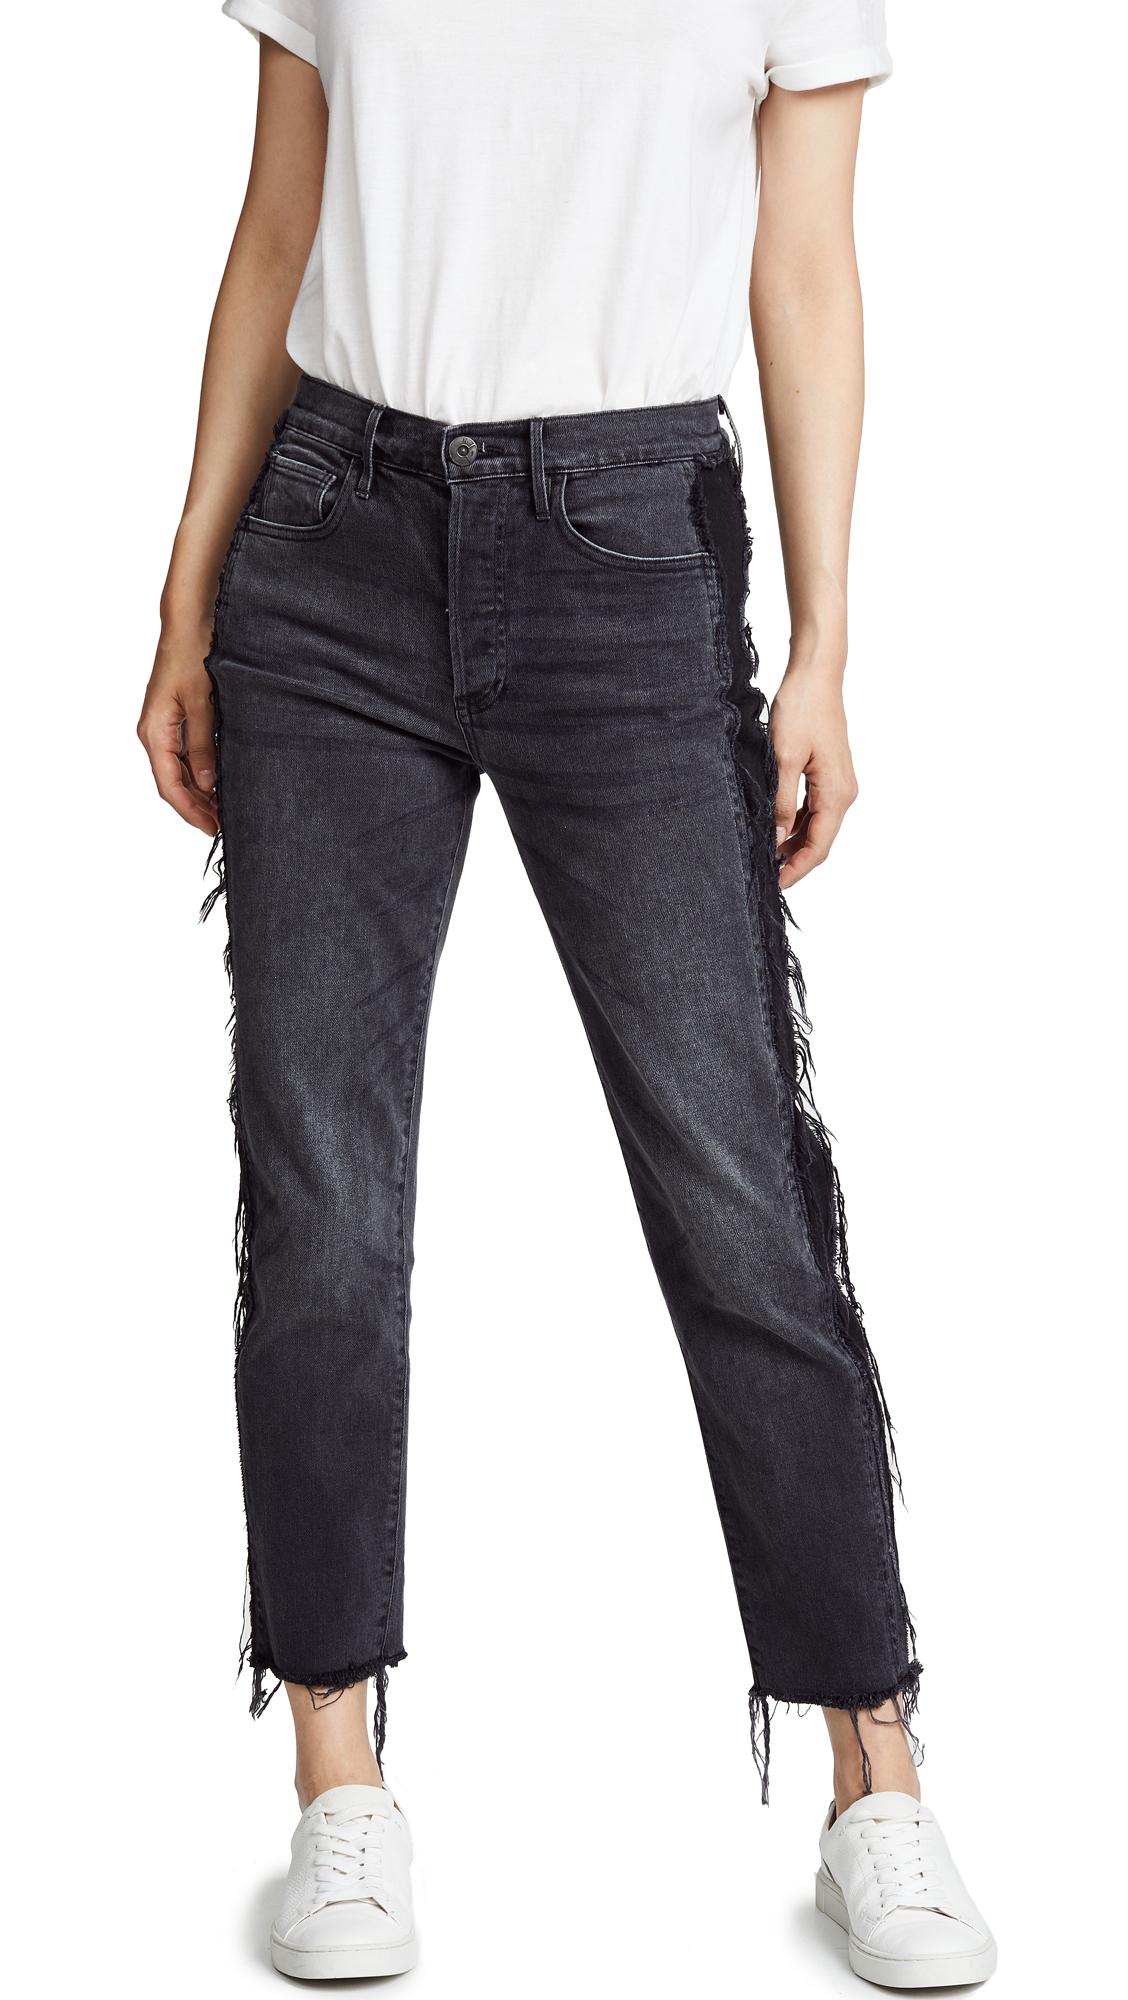 3x1 W3 Cora Cropped Jeans - Jolee